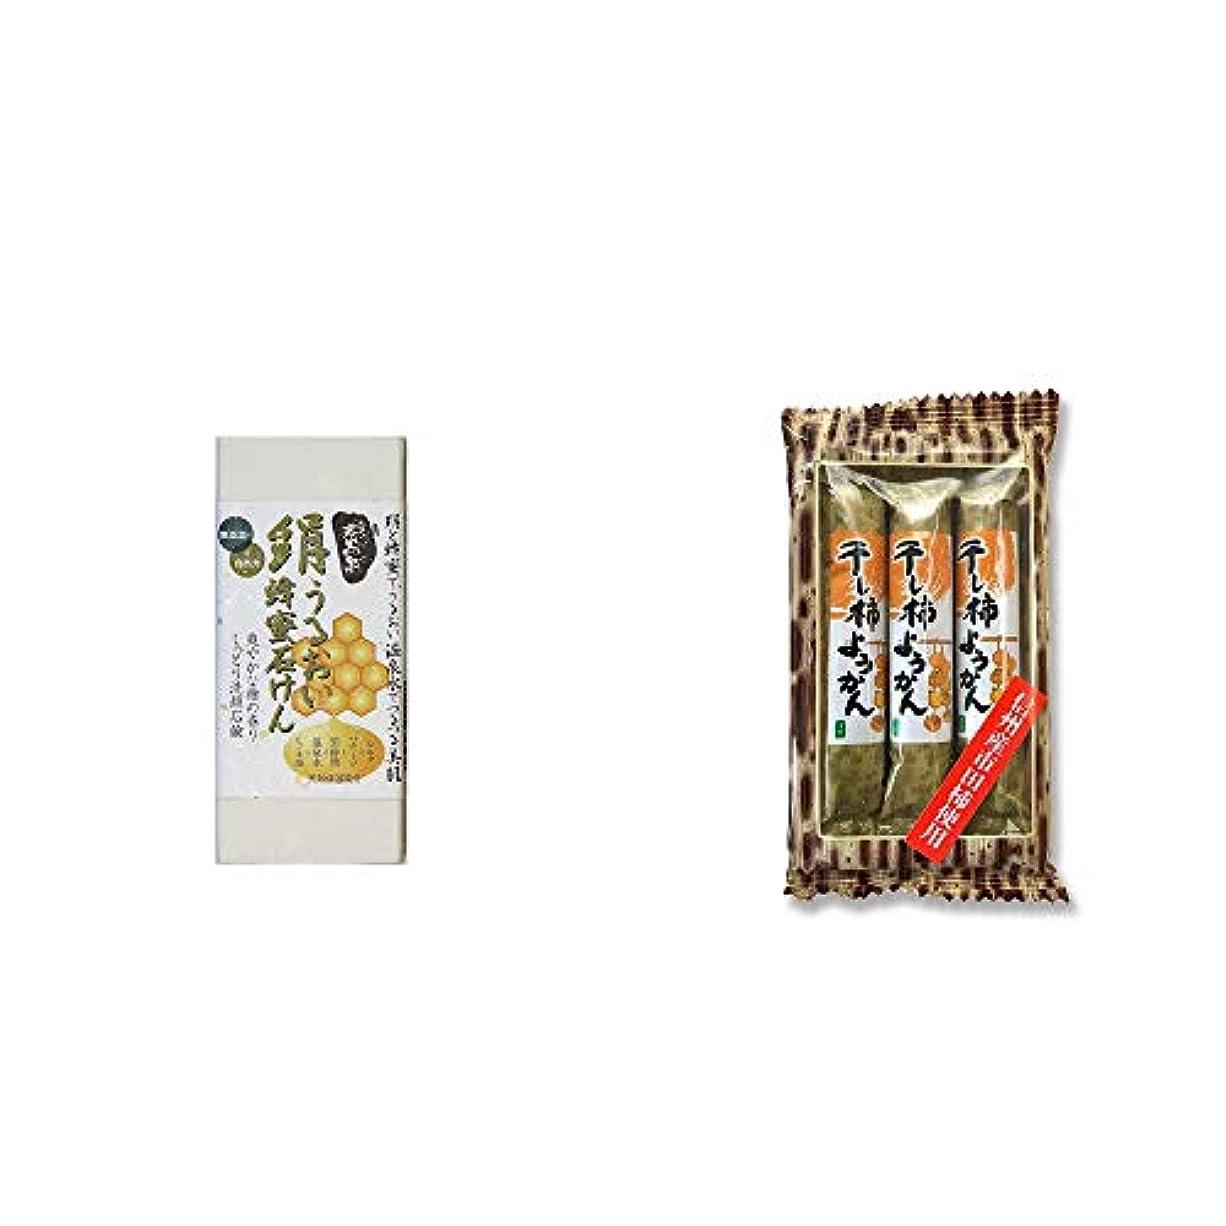 マウンドステーキ辞書[2点セット] ひのき炭黒泉 絹うるおい蜂蜜石けん(75g×2)?信州産市田柿使用 スティックようかん[柿](50g×3本)